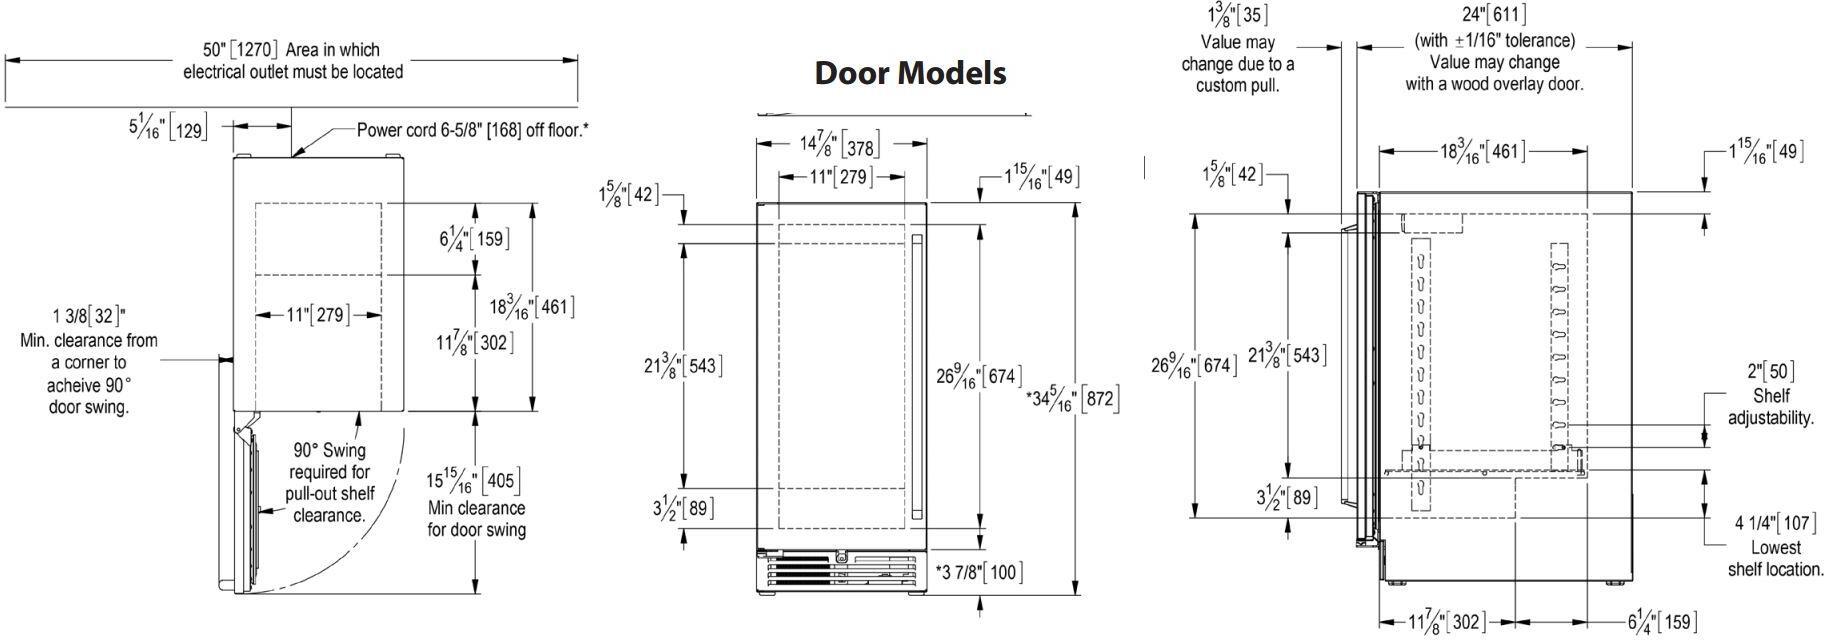 Perlick Wiring Diagram Automotive Wiring Diagrams